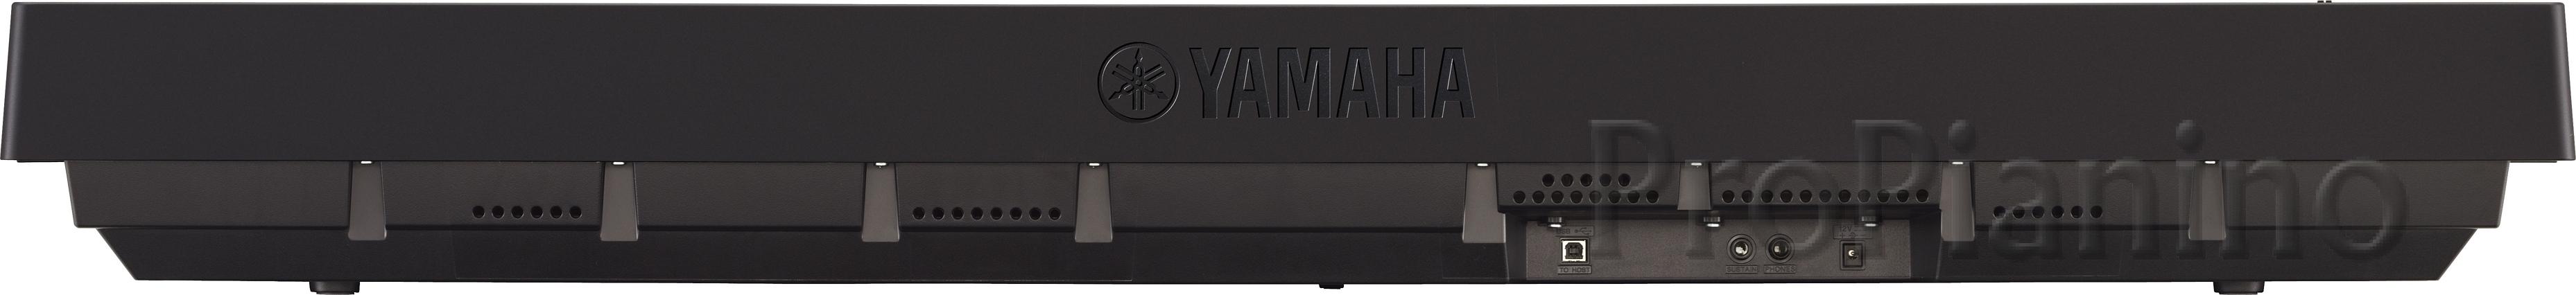 Задняя панель Yamaha P-45